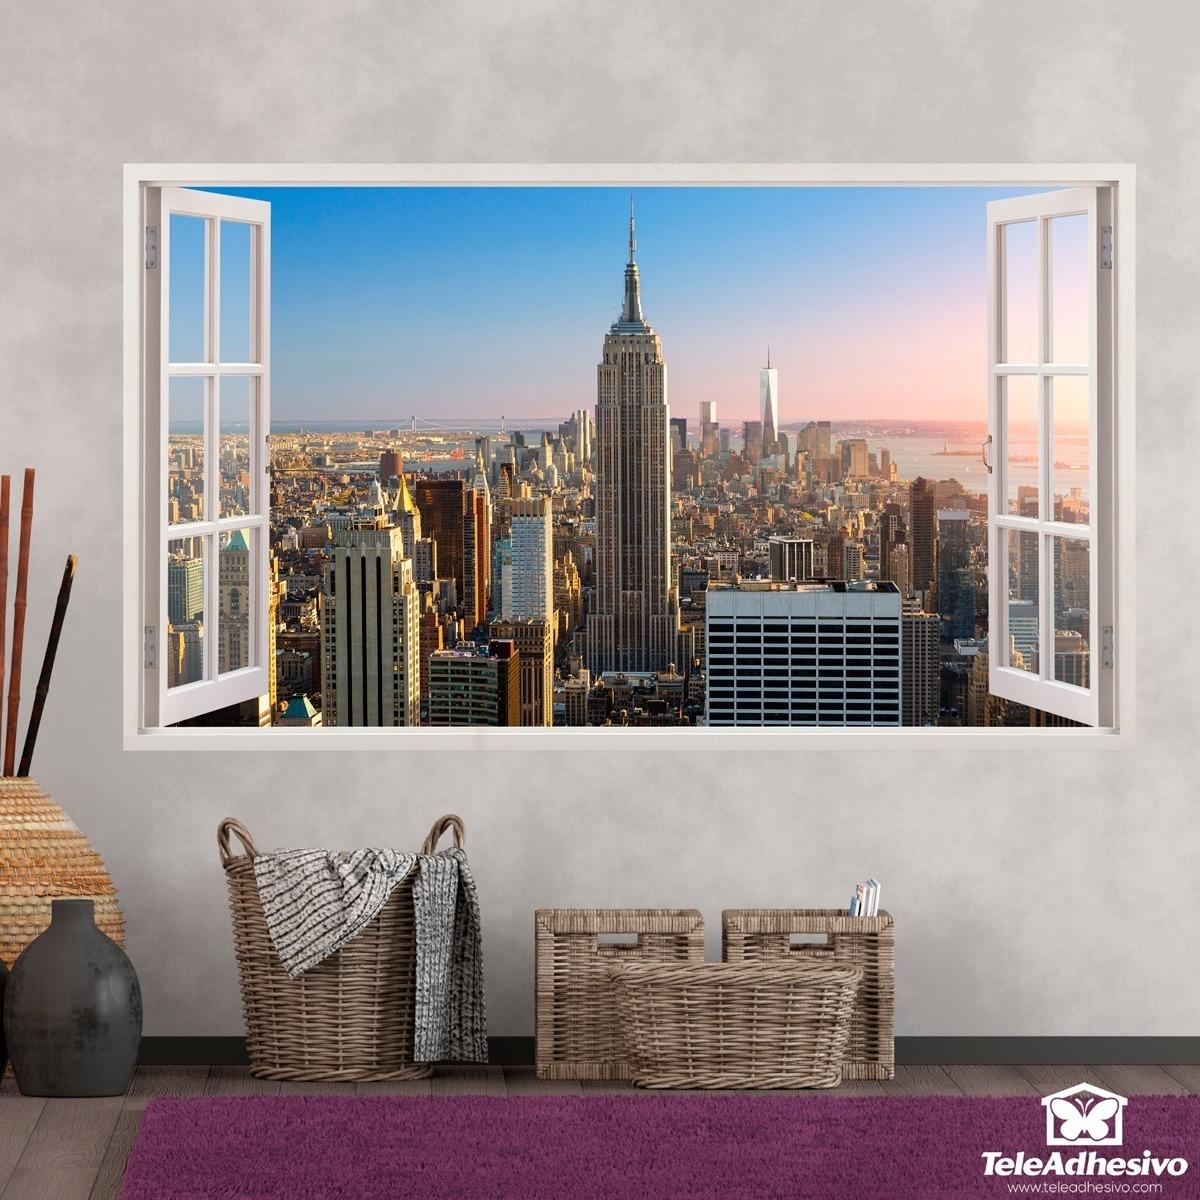 Wandtattoos: Übersicht über New York 3